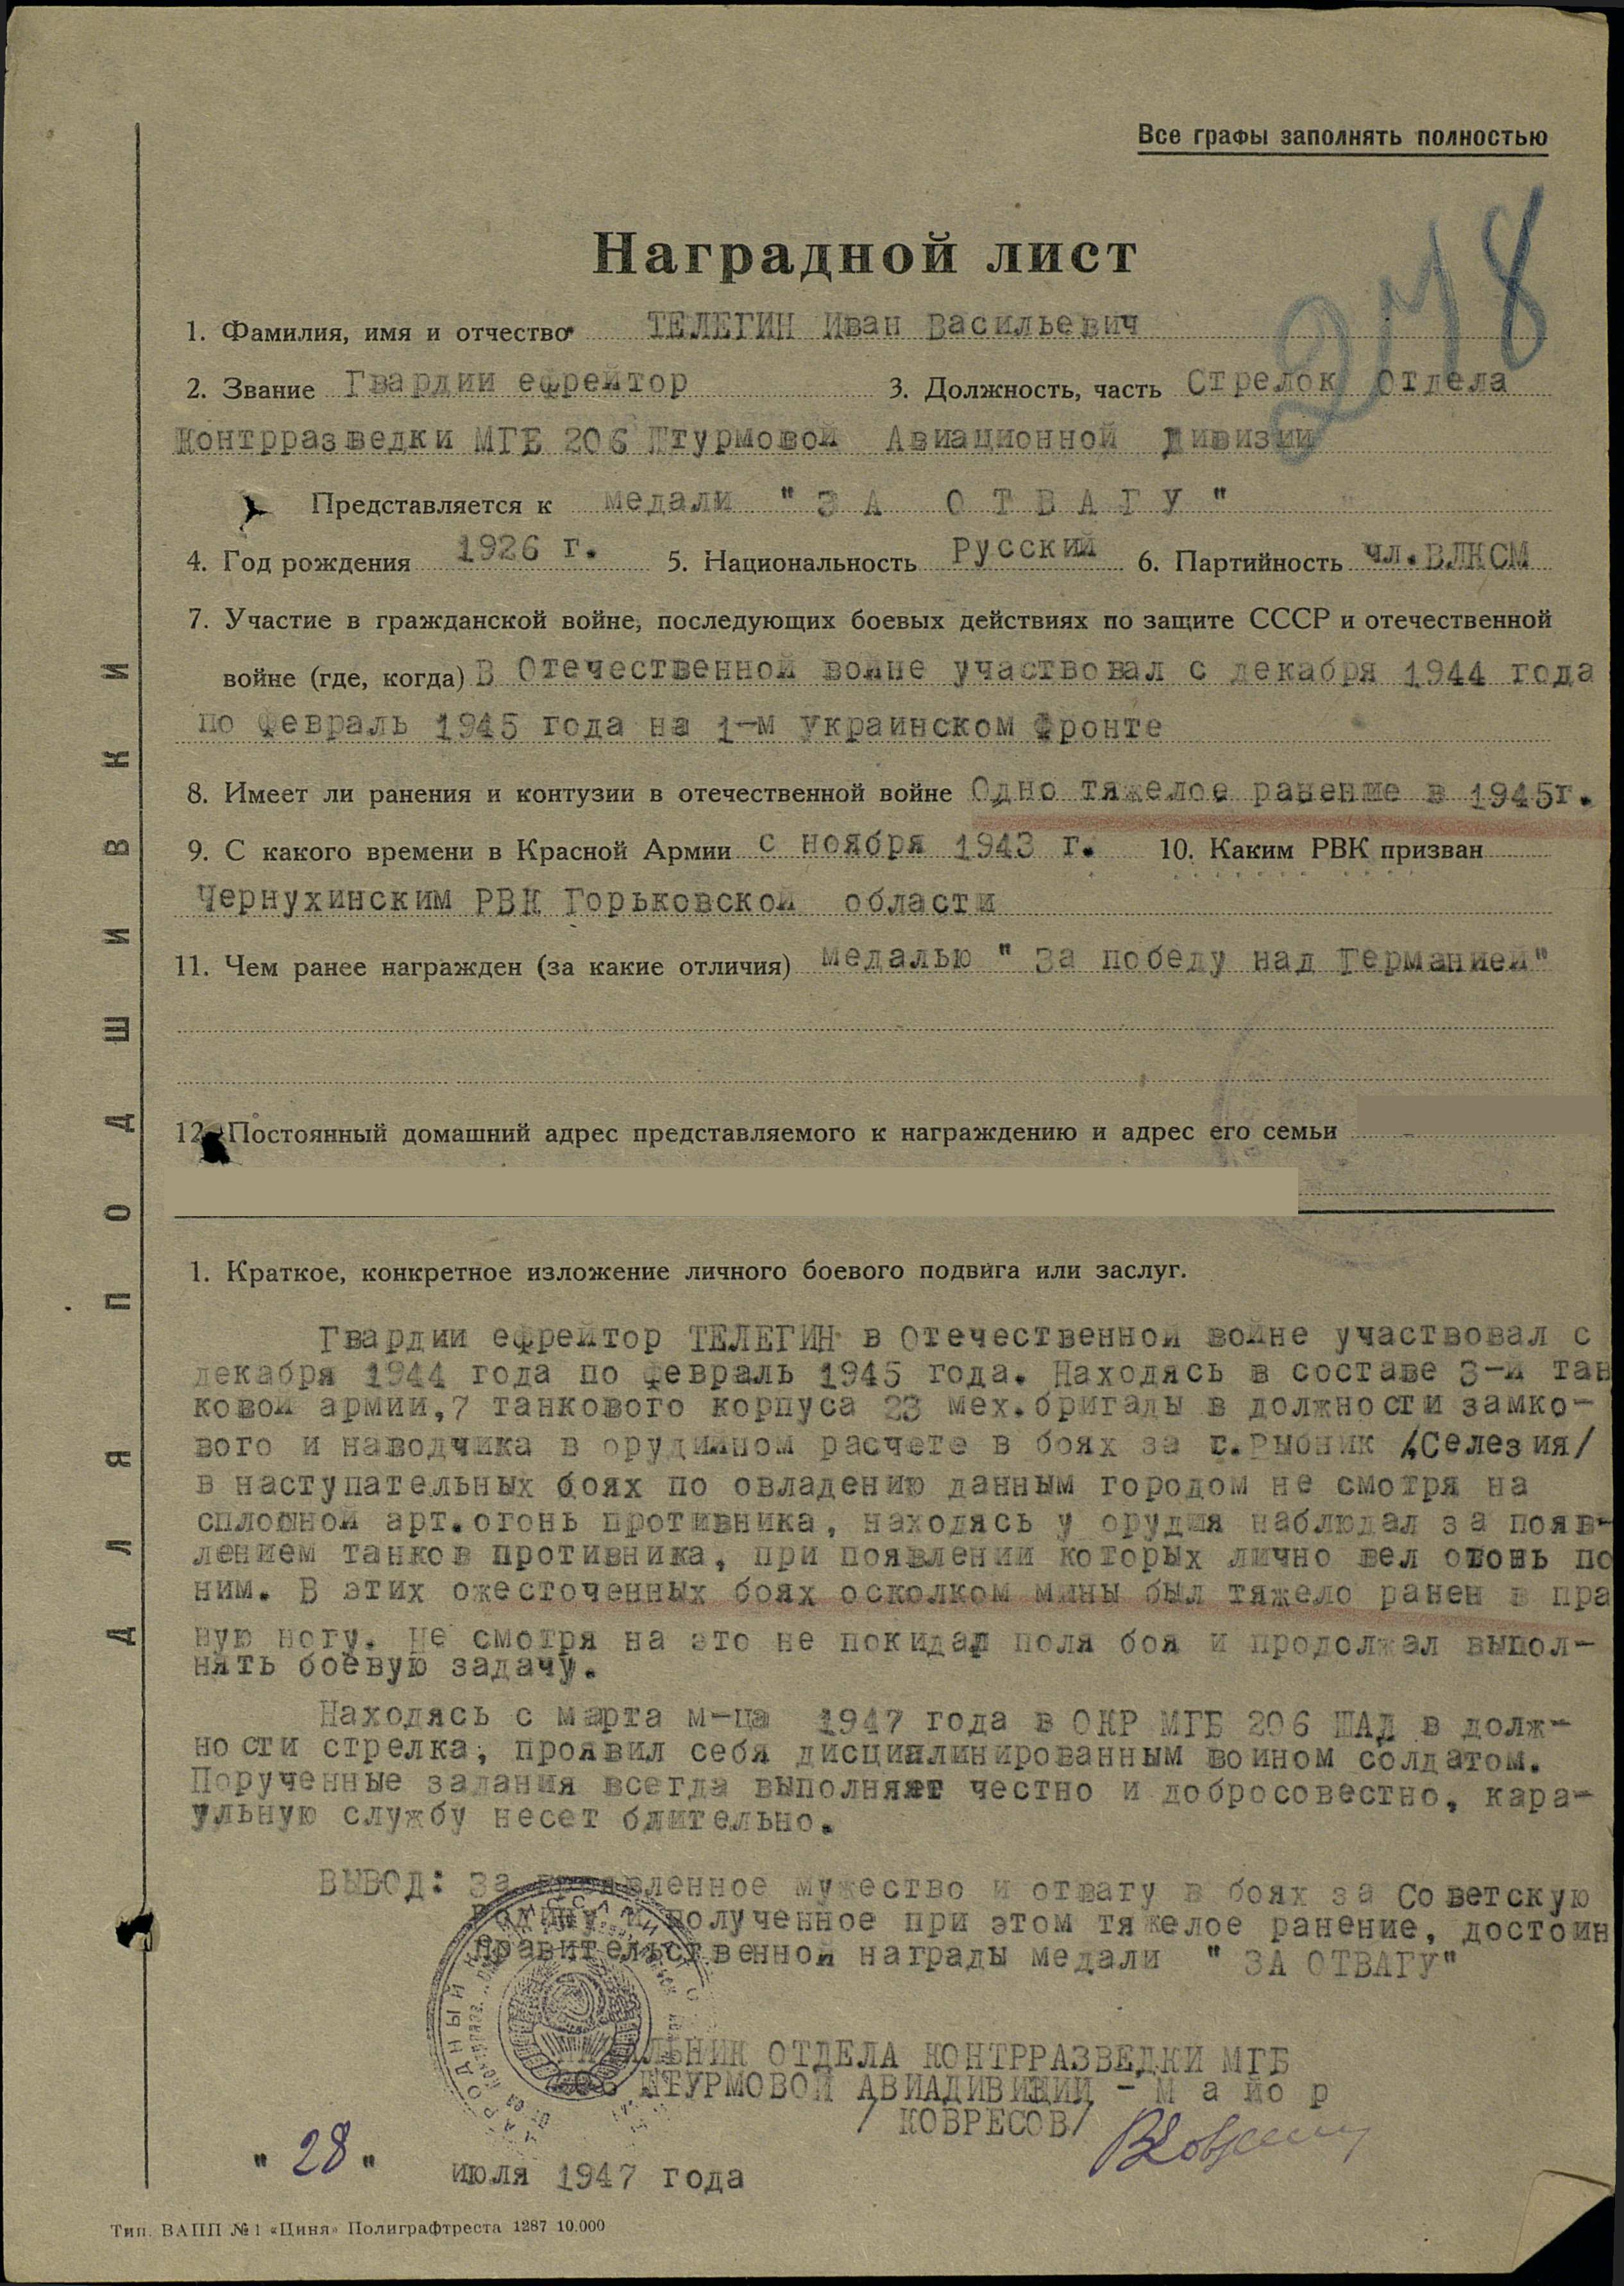 Наградной лист гвардии ефрейтора Телегина Ивана Васильевича медалью за Отвагу